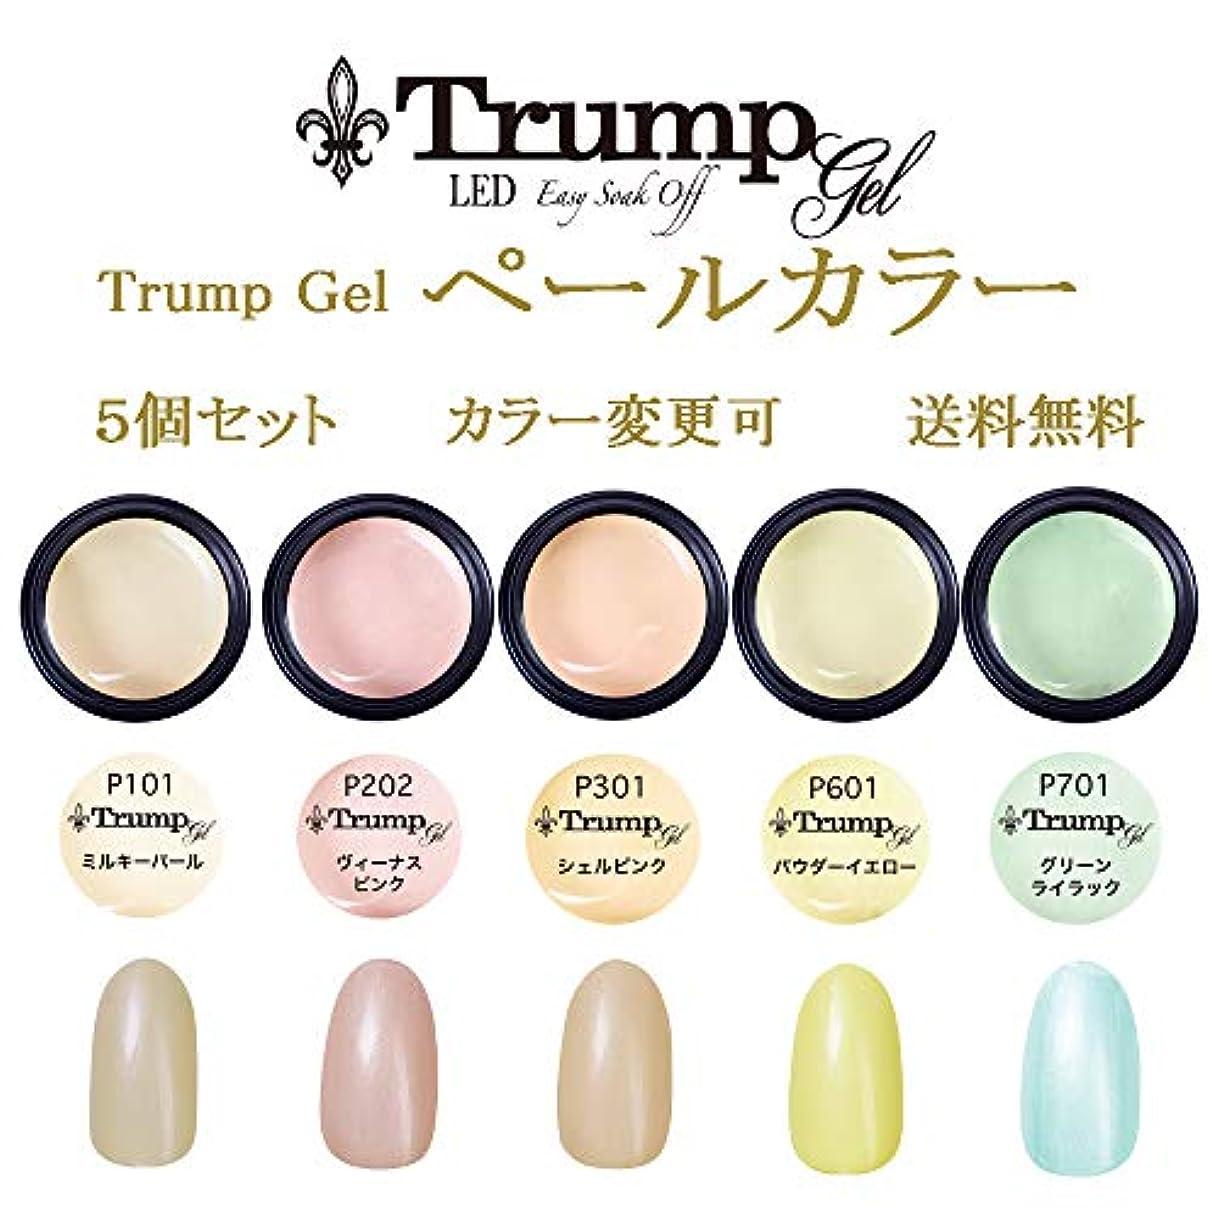 海岸ゴシップピル日本製 Trump gel トランプジェル ペールカラー 選べる カラージェル 5個セット パール イエロー ベージュ ピンク ブルー